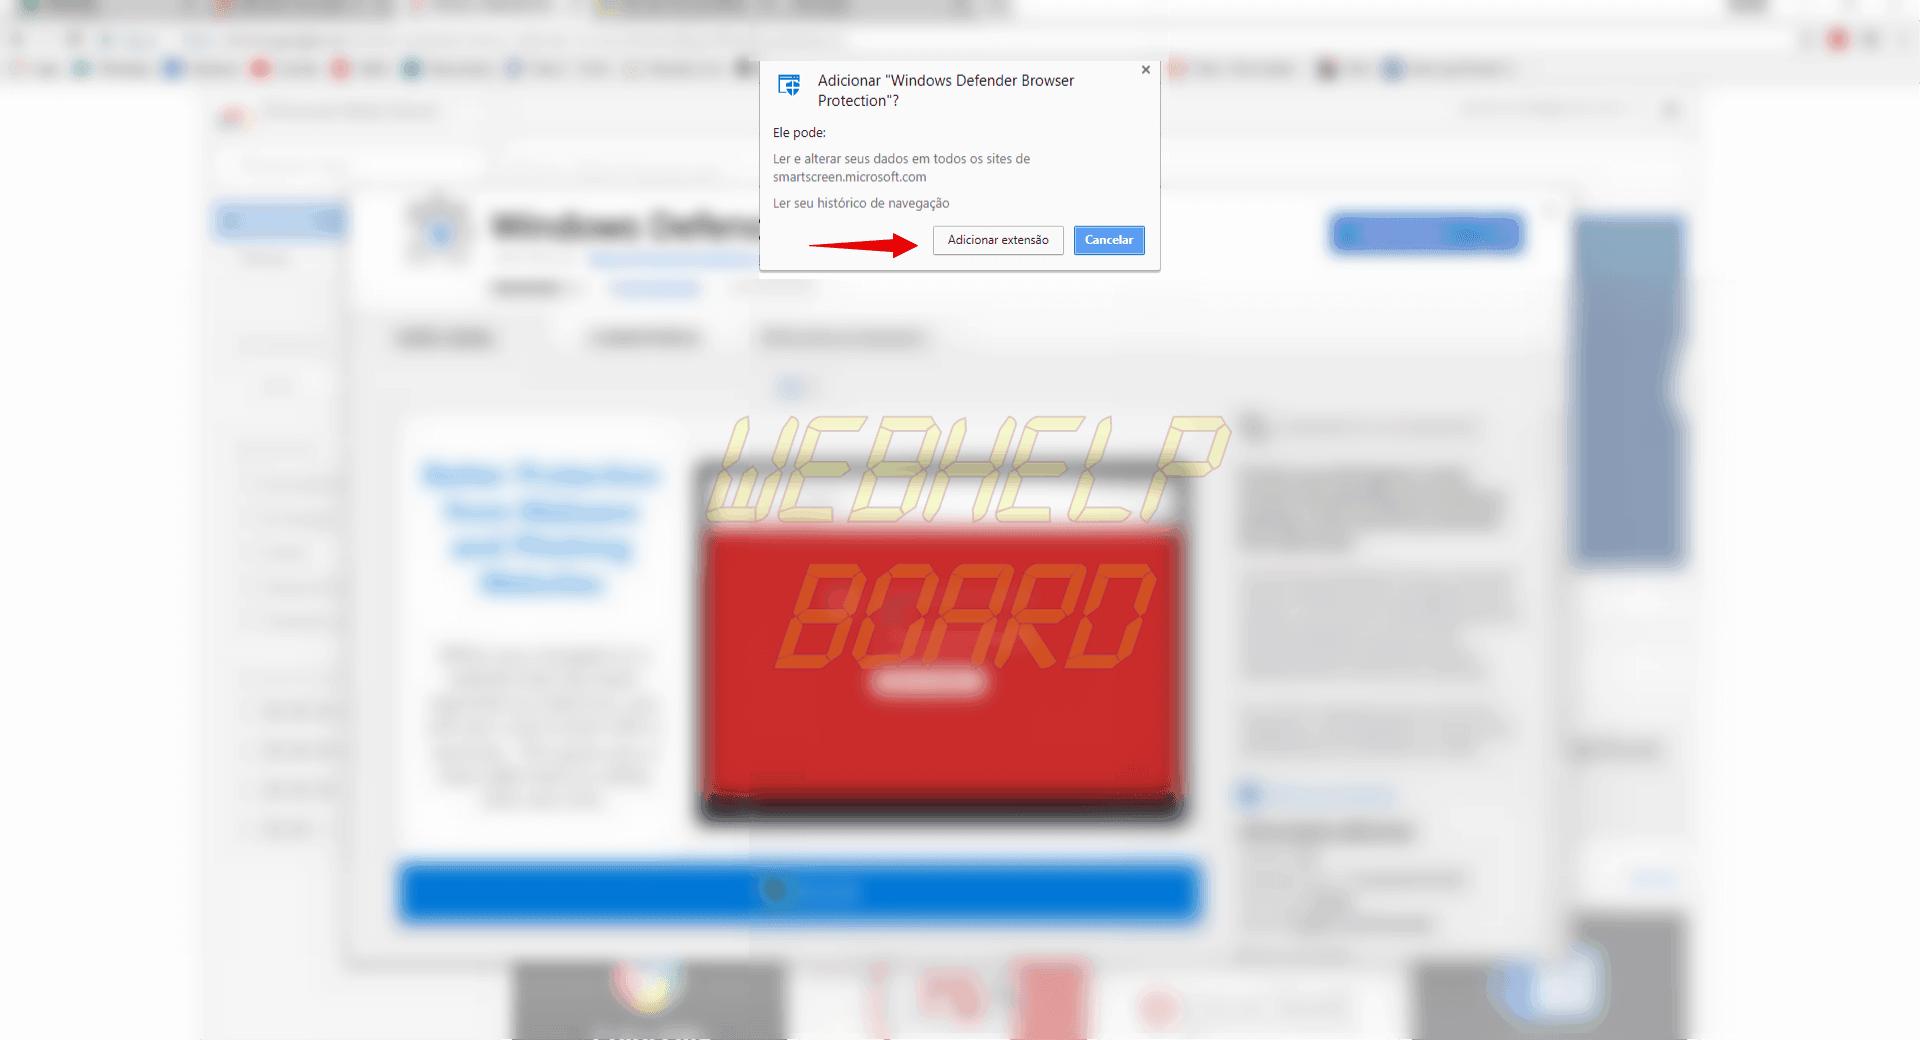 screenshot 20180419 164404 - Tutorial: proteja-se de malwares com a extensão do Windows Defender para Google Chrome